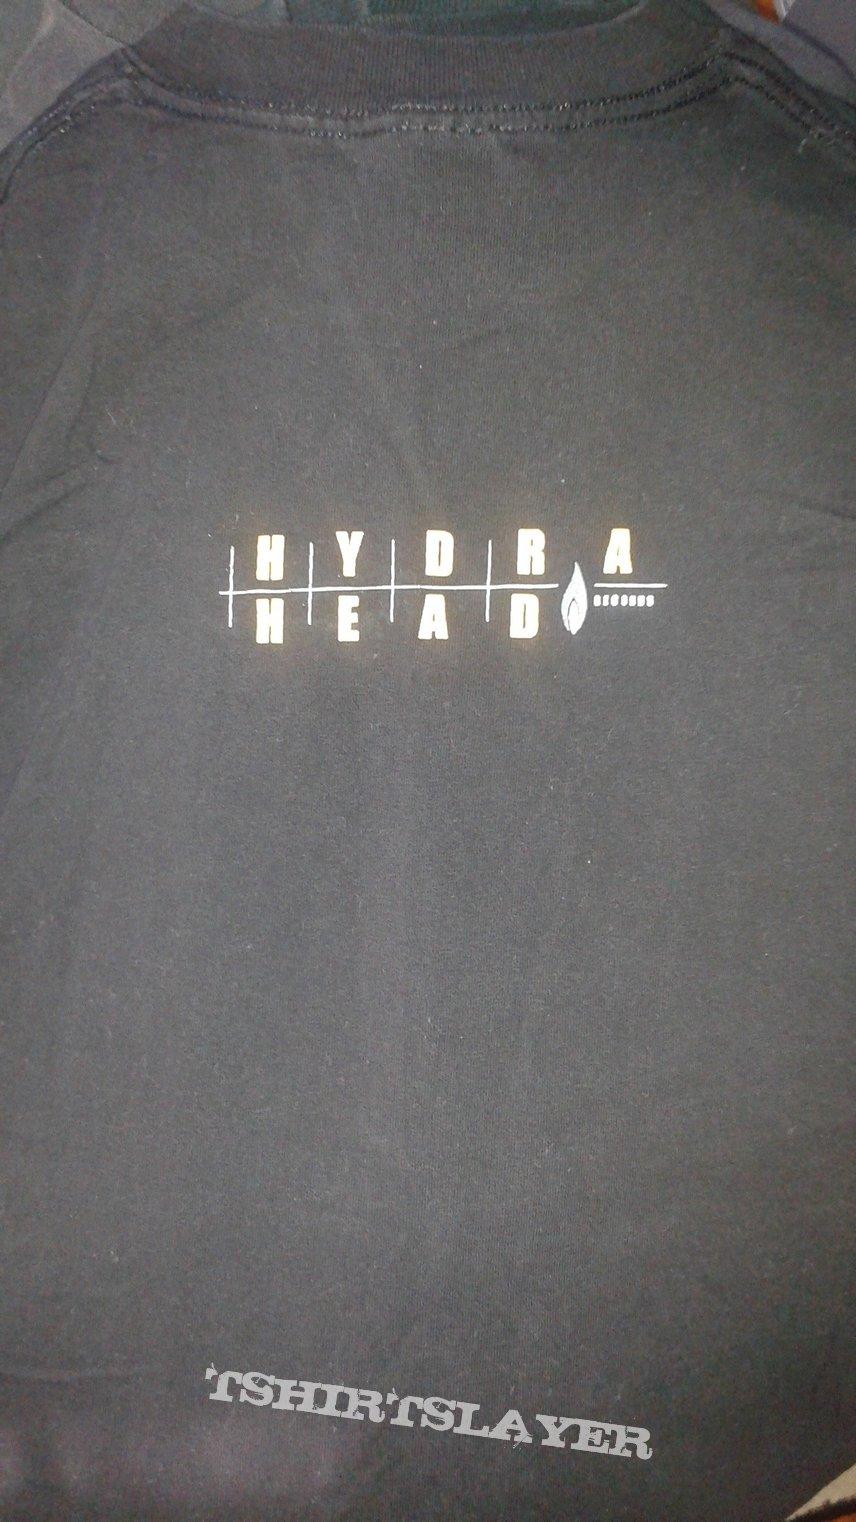 Cattle Press circular logo t-shirt.